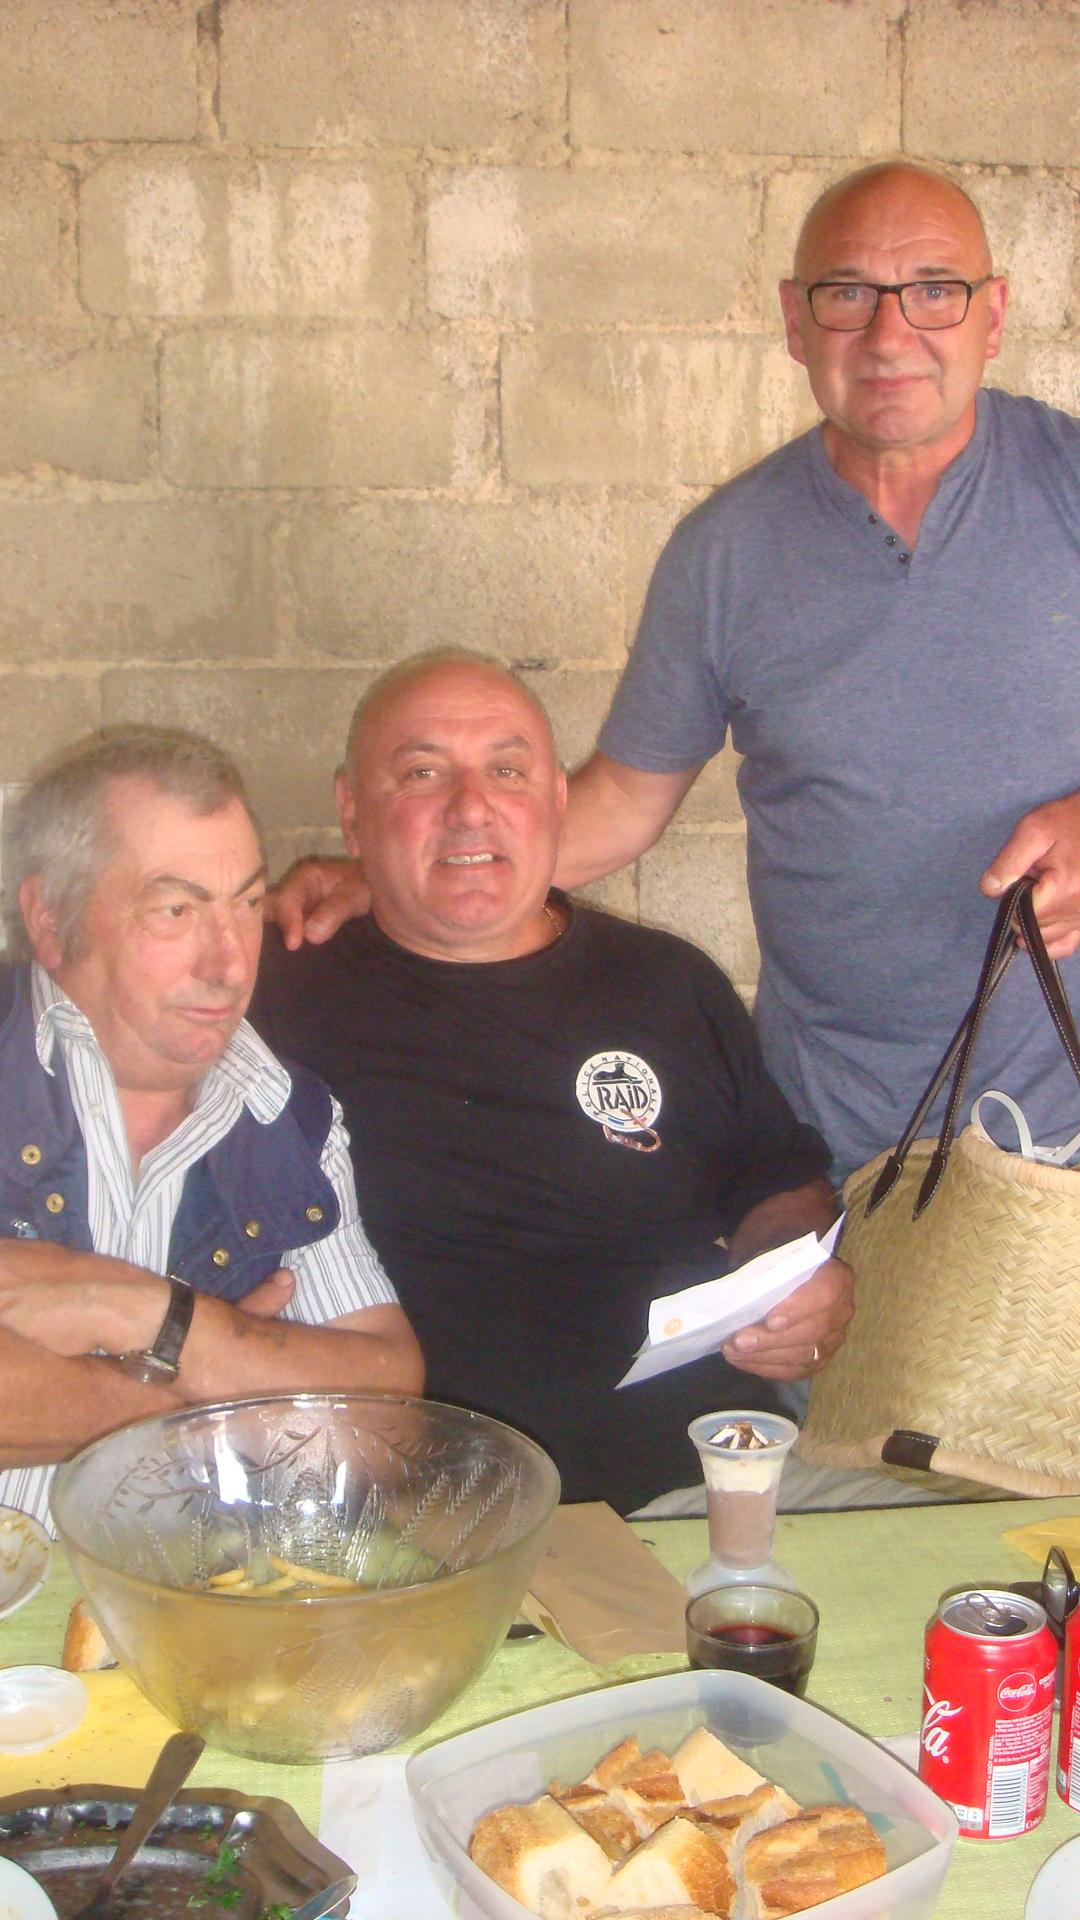 Poids du panier : 9,700 Kg remporté par Mr Mango Marc de Vieux Pont